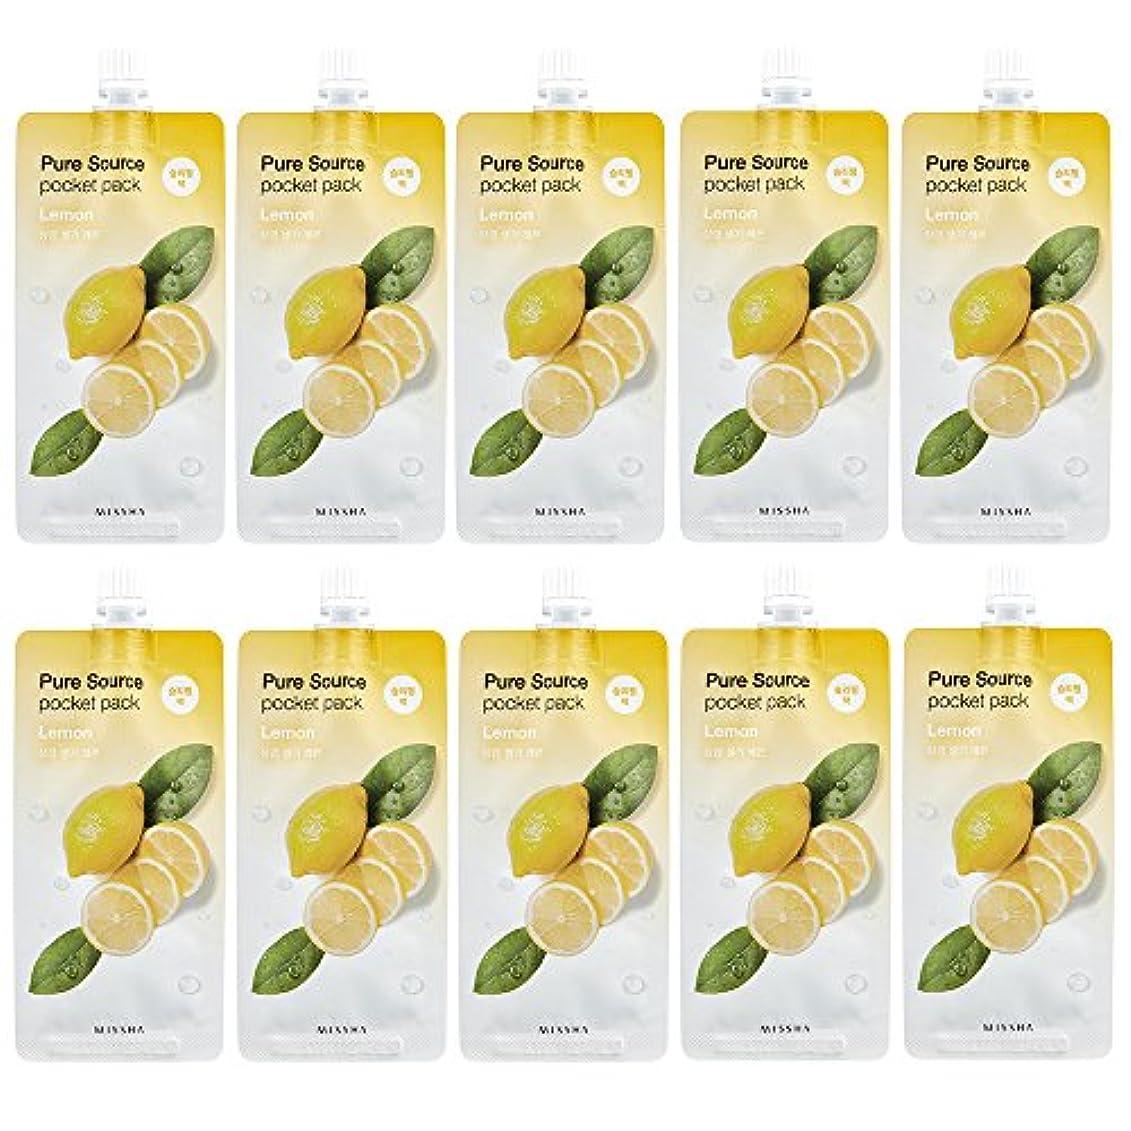 札入れ検査クリアミシャ ピュア ソース ポケット パック 1個 レモン(スリーピングパック)